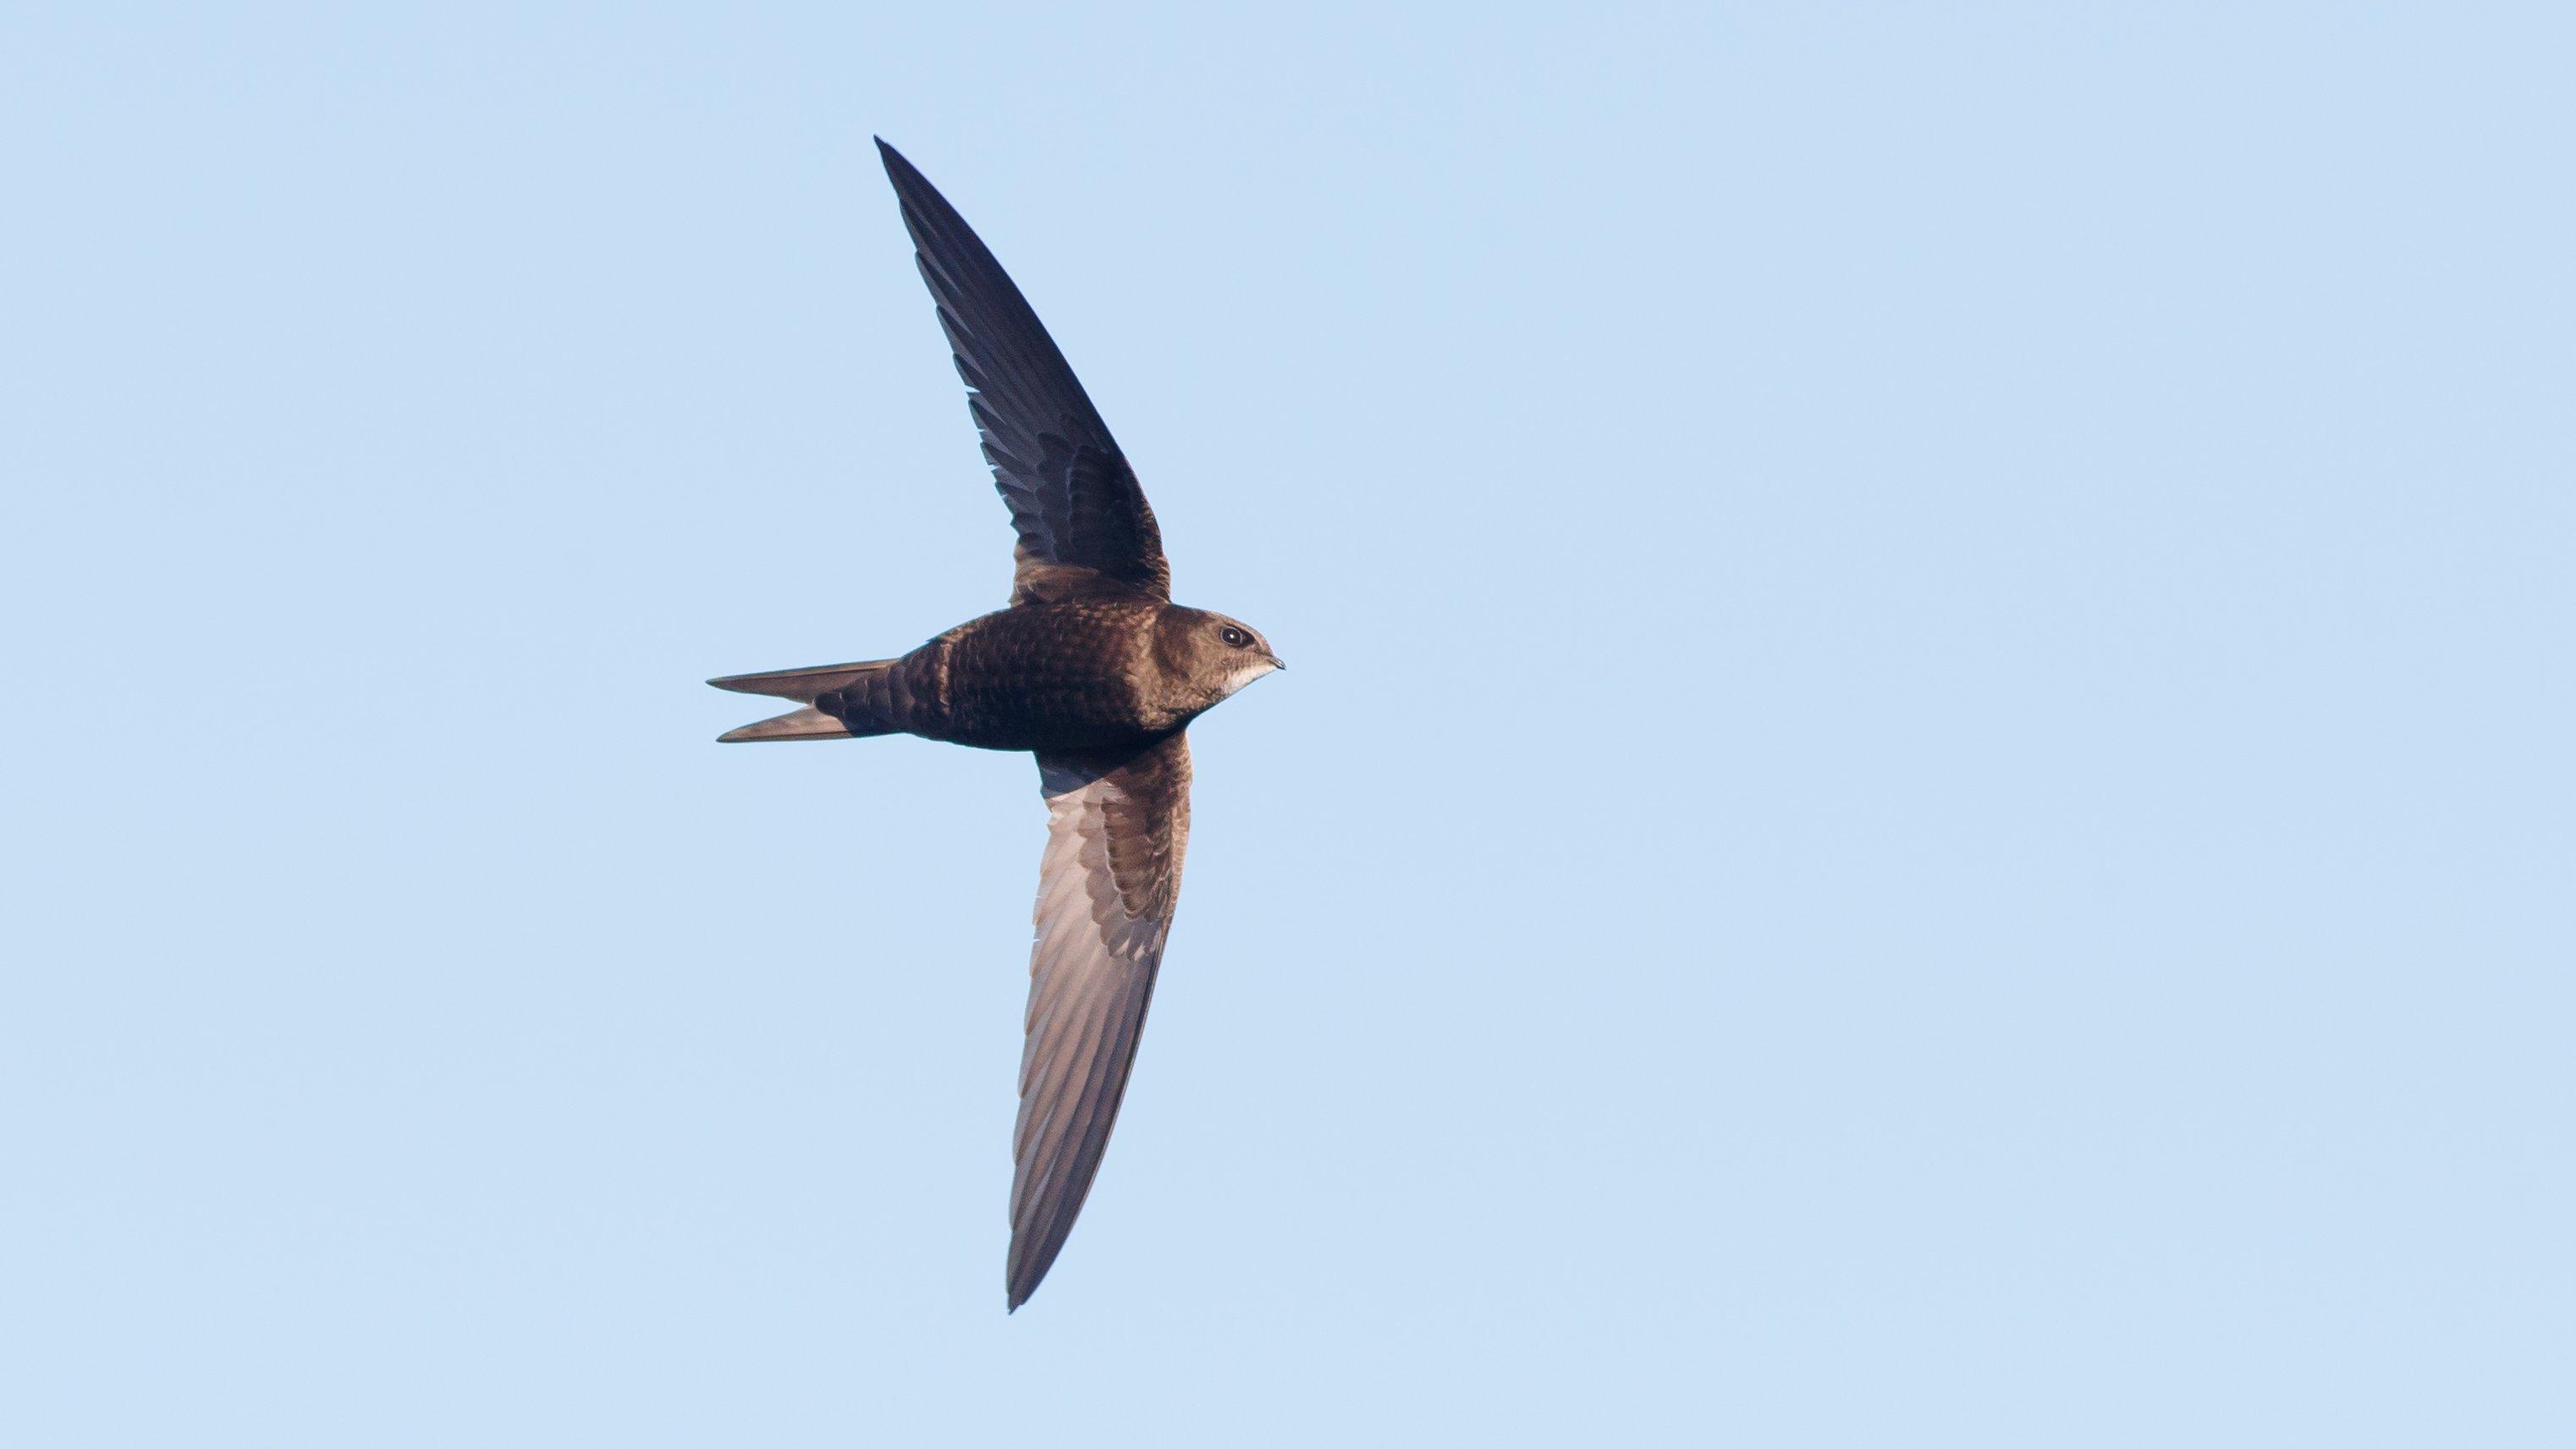 Ein graubraun gefärbter Mauersegler mit ausgebreiteten Flügeln am blauen Himmel.